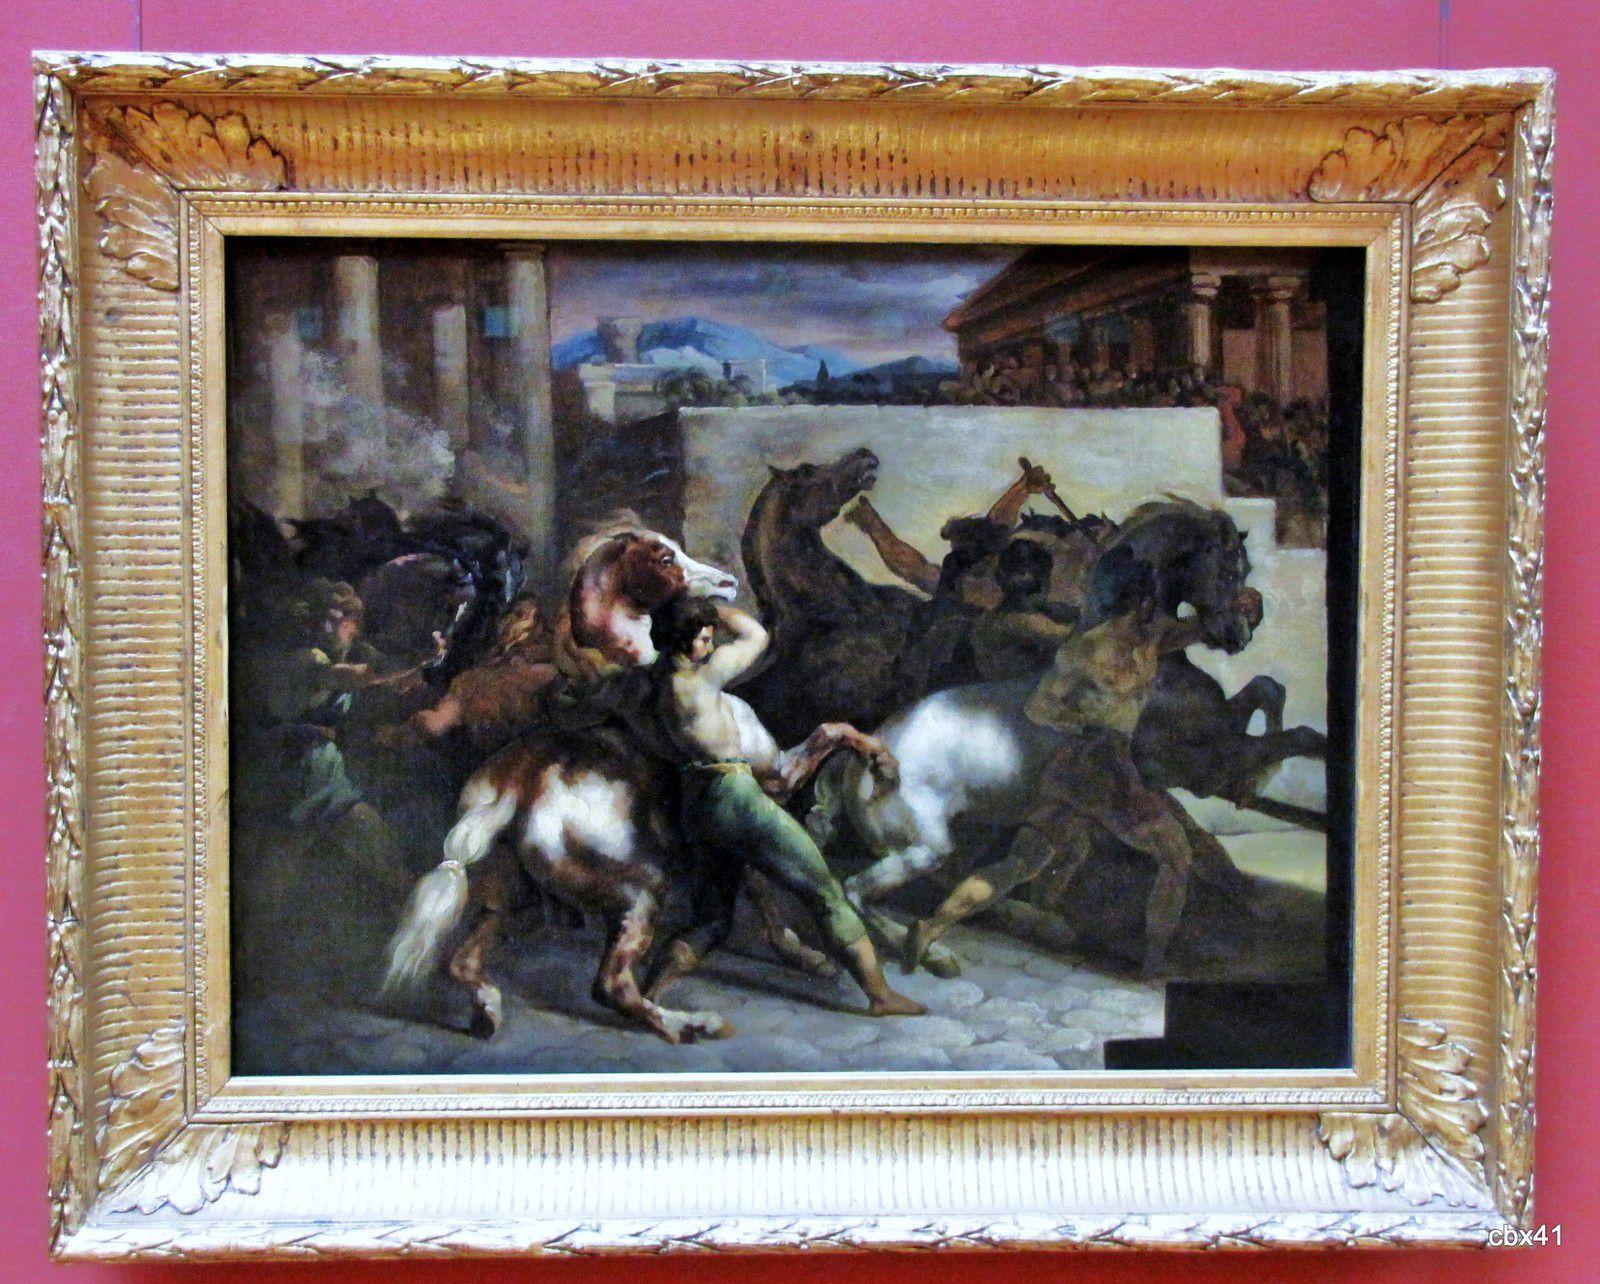 Théodore Géricault, Course de chevaux libres à Rome